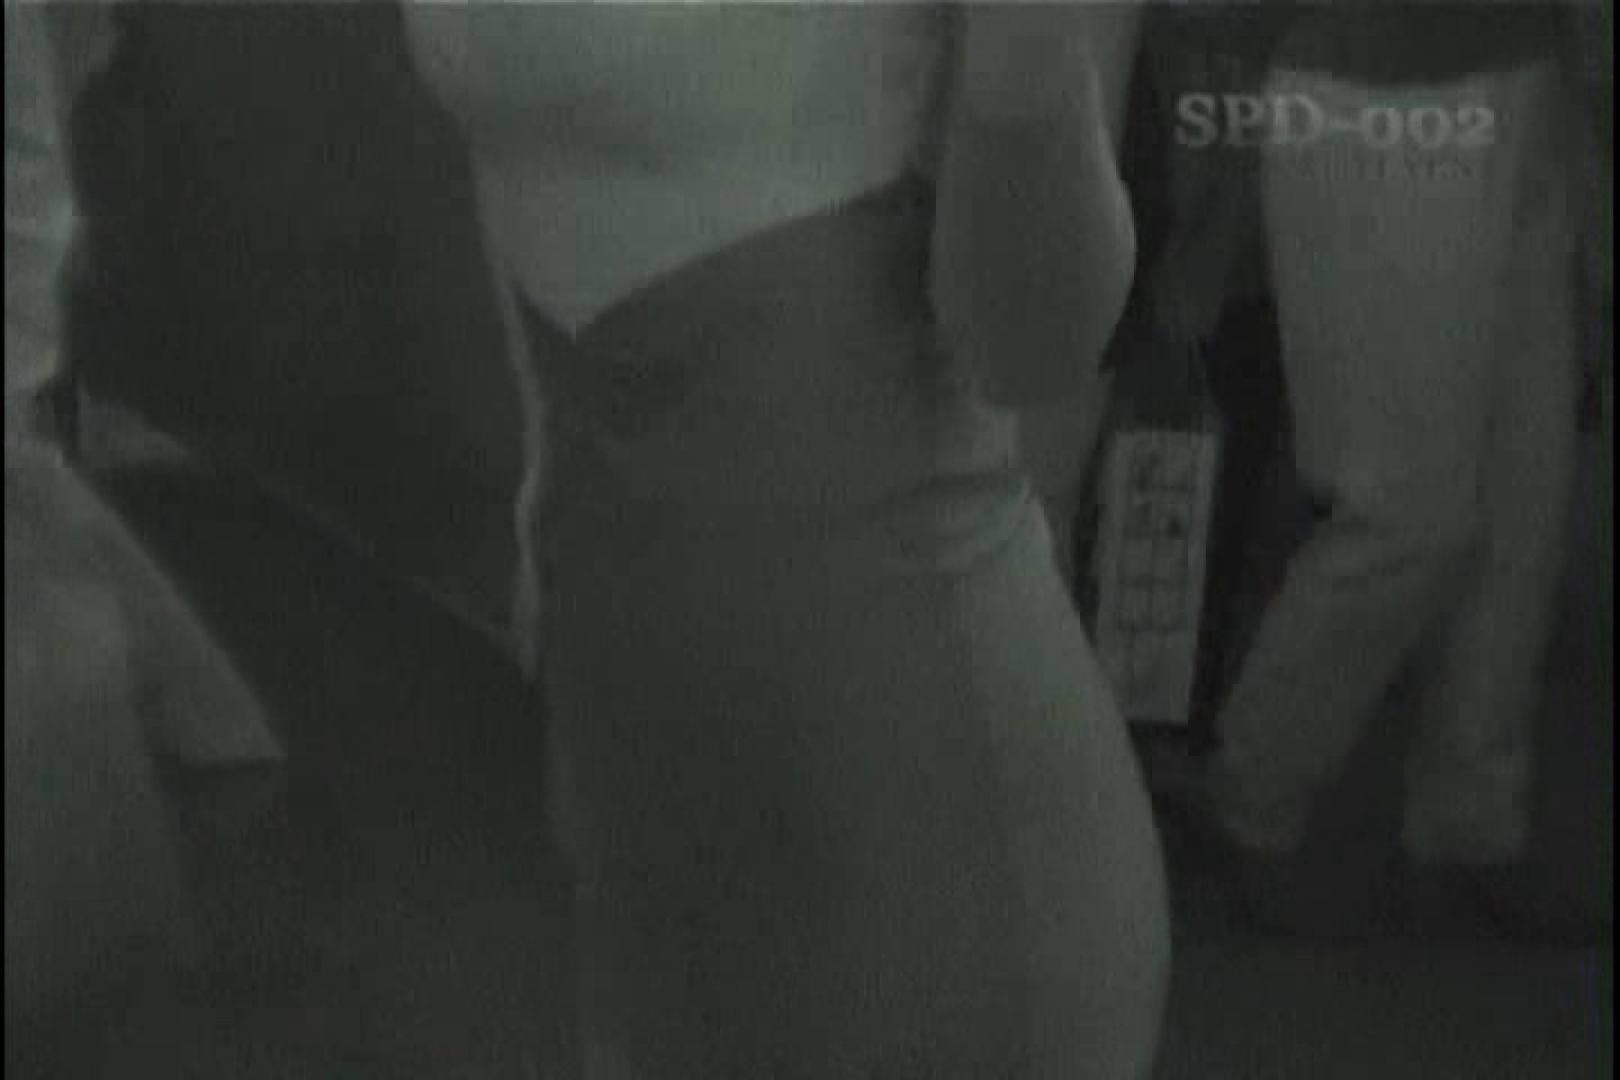 高画質版!SPD-002 レースクイーン 赤外線&盗撮 名作 すけべAV動画紹介 88pic 5